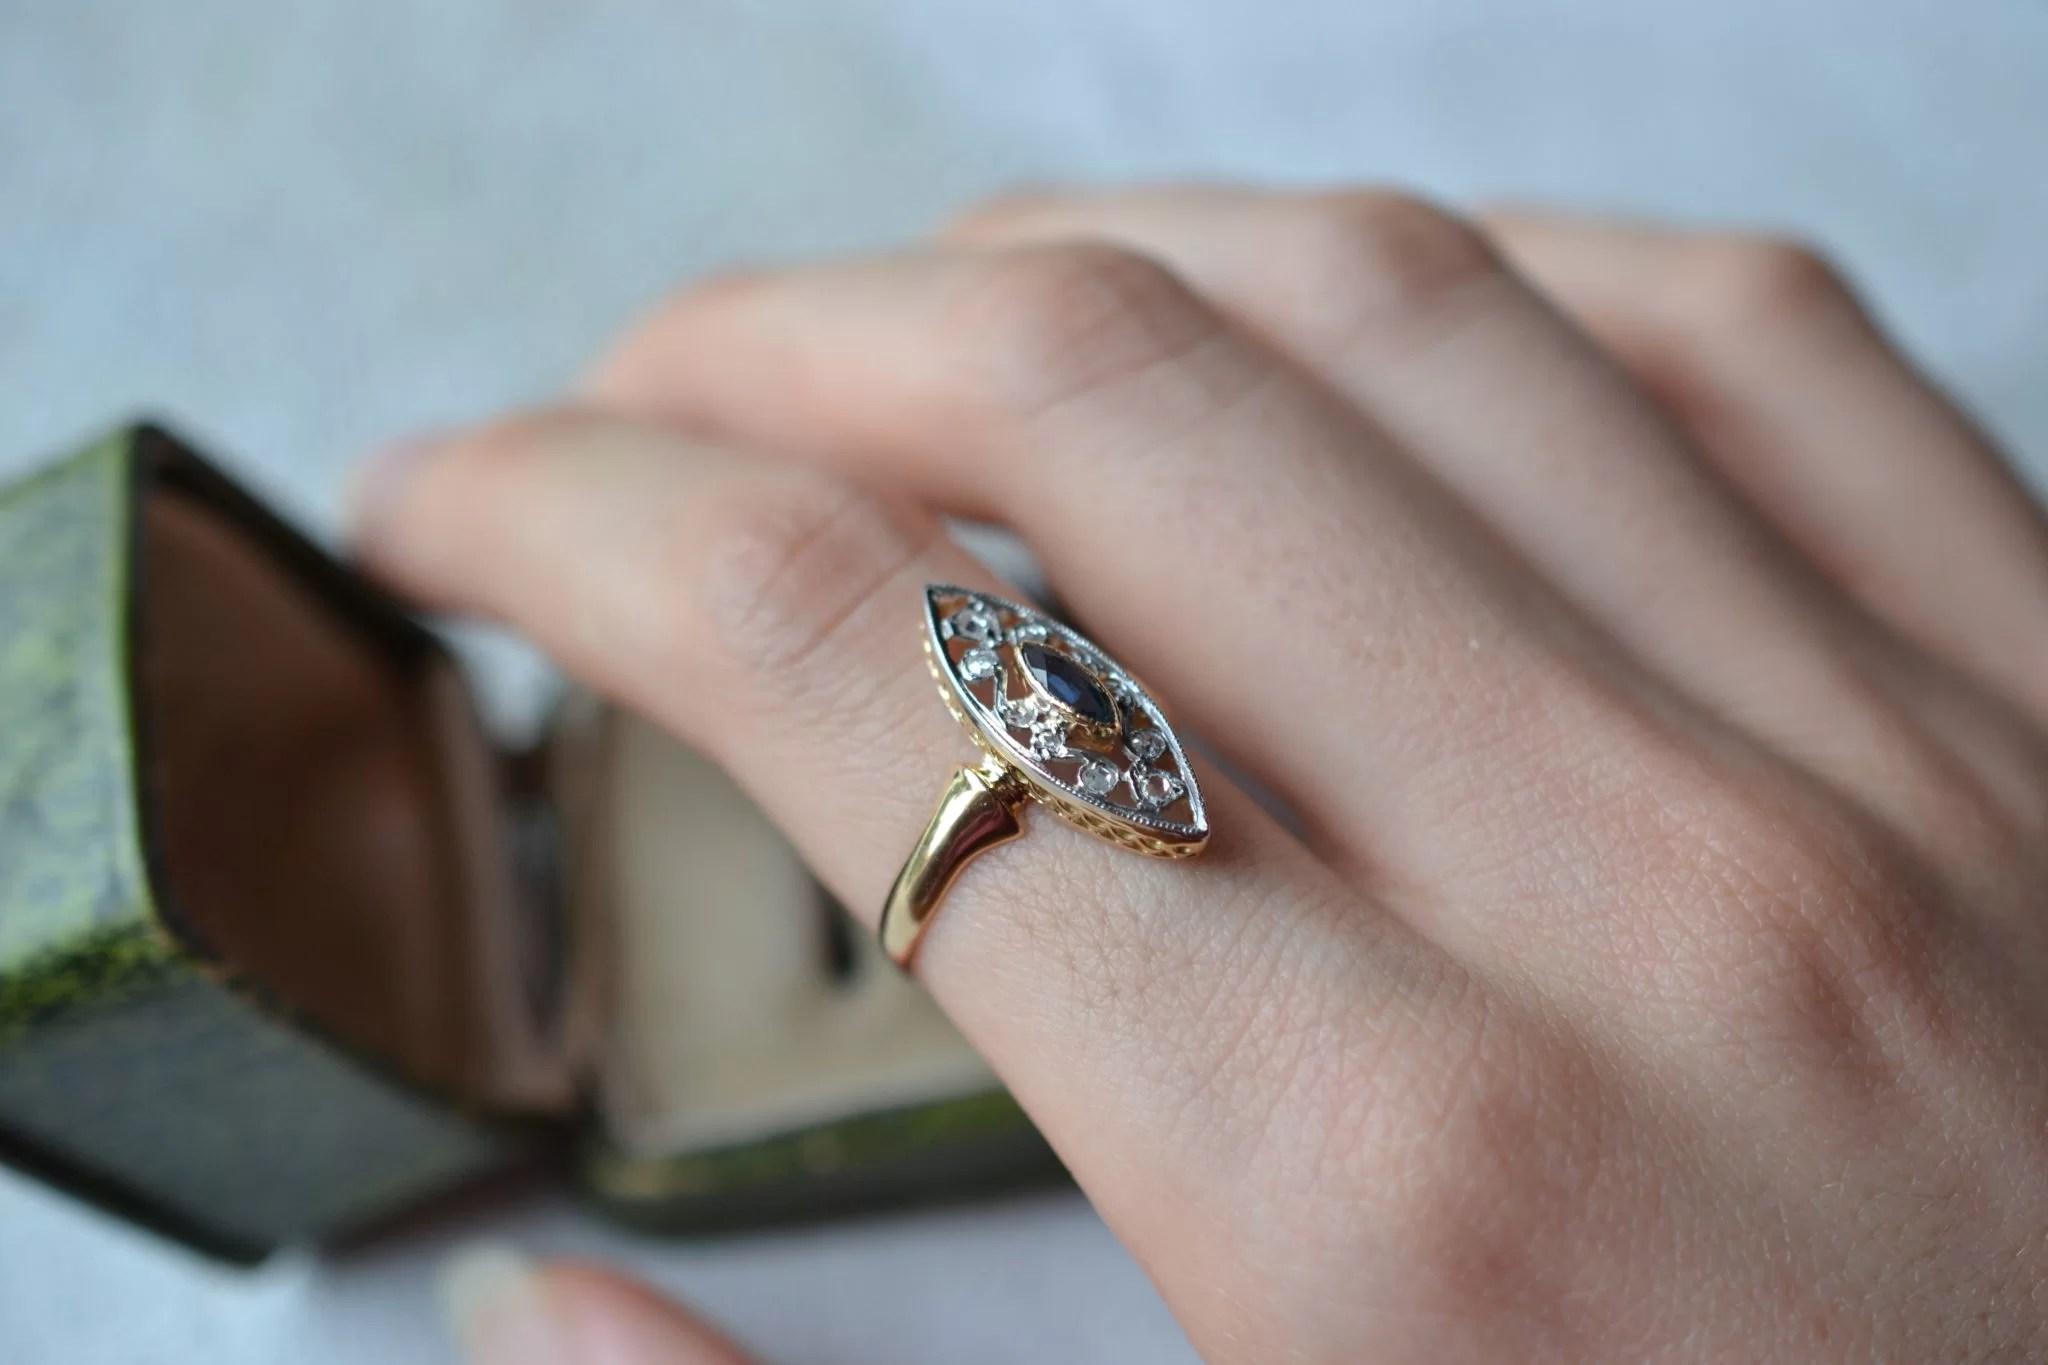 Bague en Or jaune et Or blanc, de forme Marquise, sertie d_un saphir de taille navette facettée et ponctuée de diamants de taille rose - bague éthique